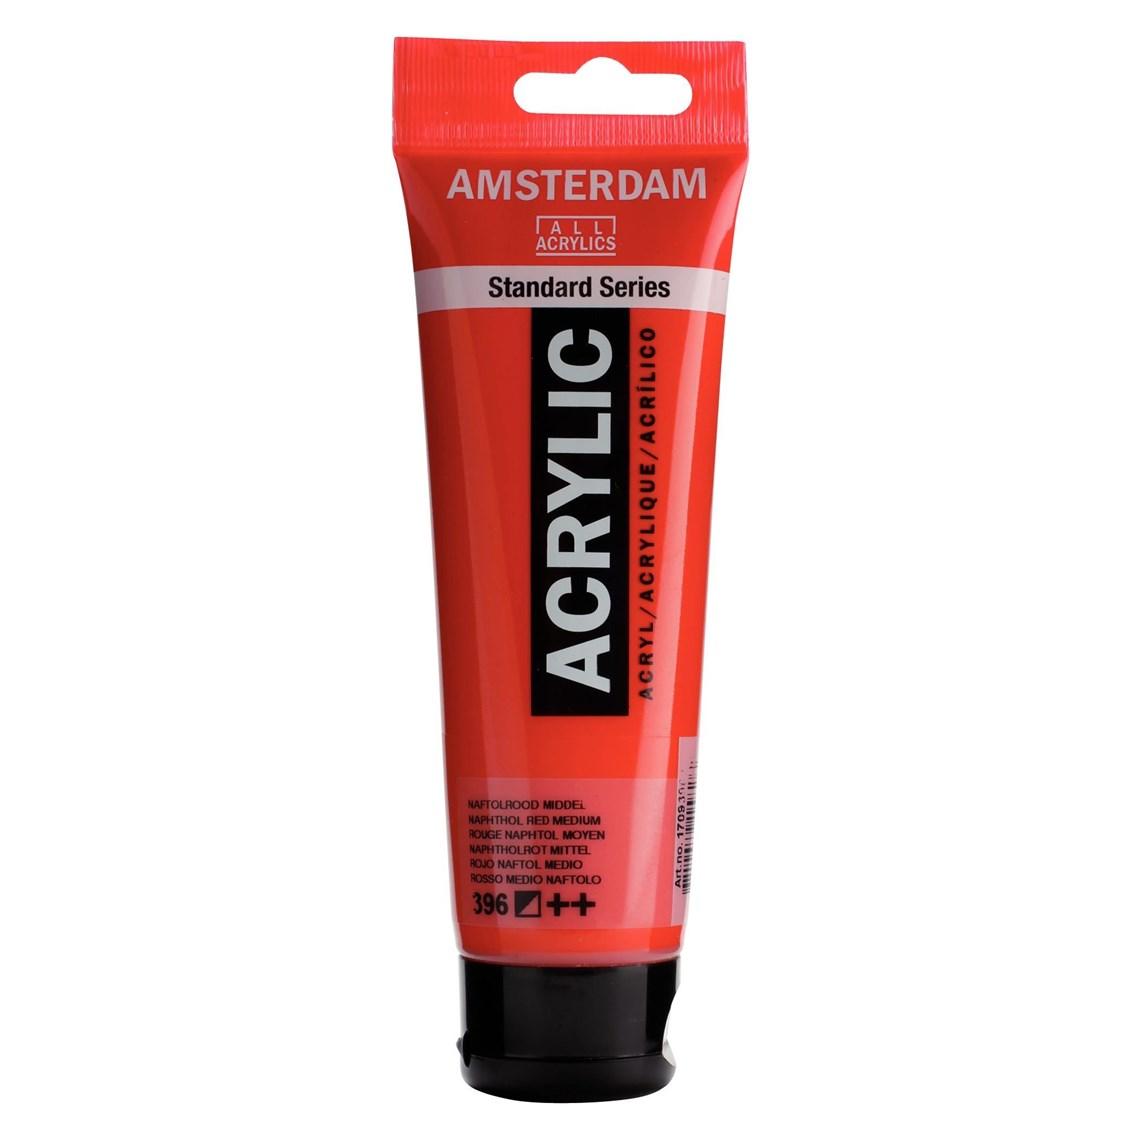 Amsterdam acrylverf Naftolrood middel 396